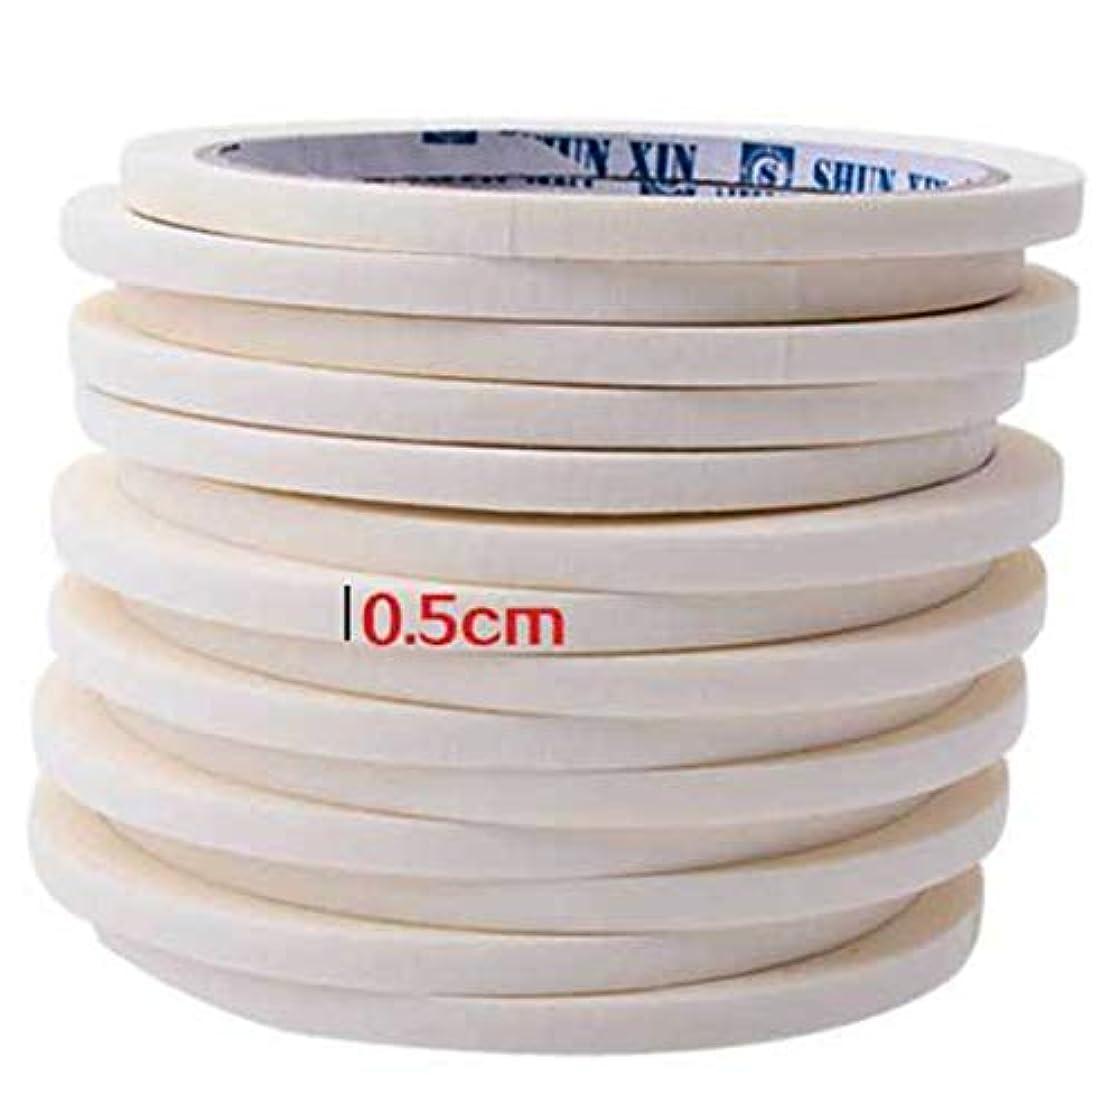 焦げうぬぼれモードリンBirdlanternネイルテープ0.5センチマスキングテープ装飾パターンネイルポリッシュツールマニキュアネイルアートネイルテープアクセサリー用マニキュア